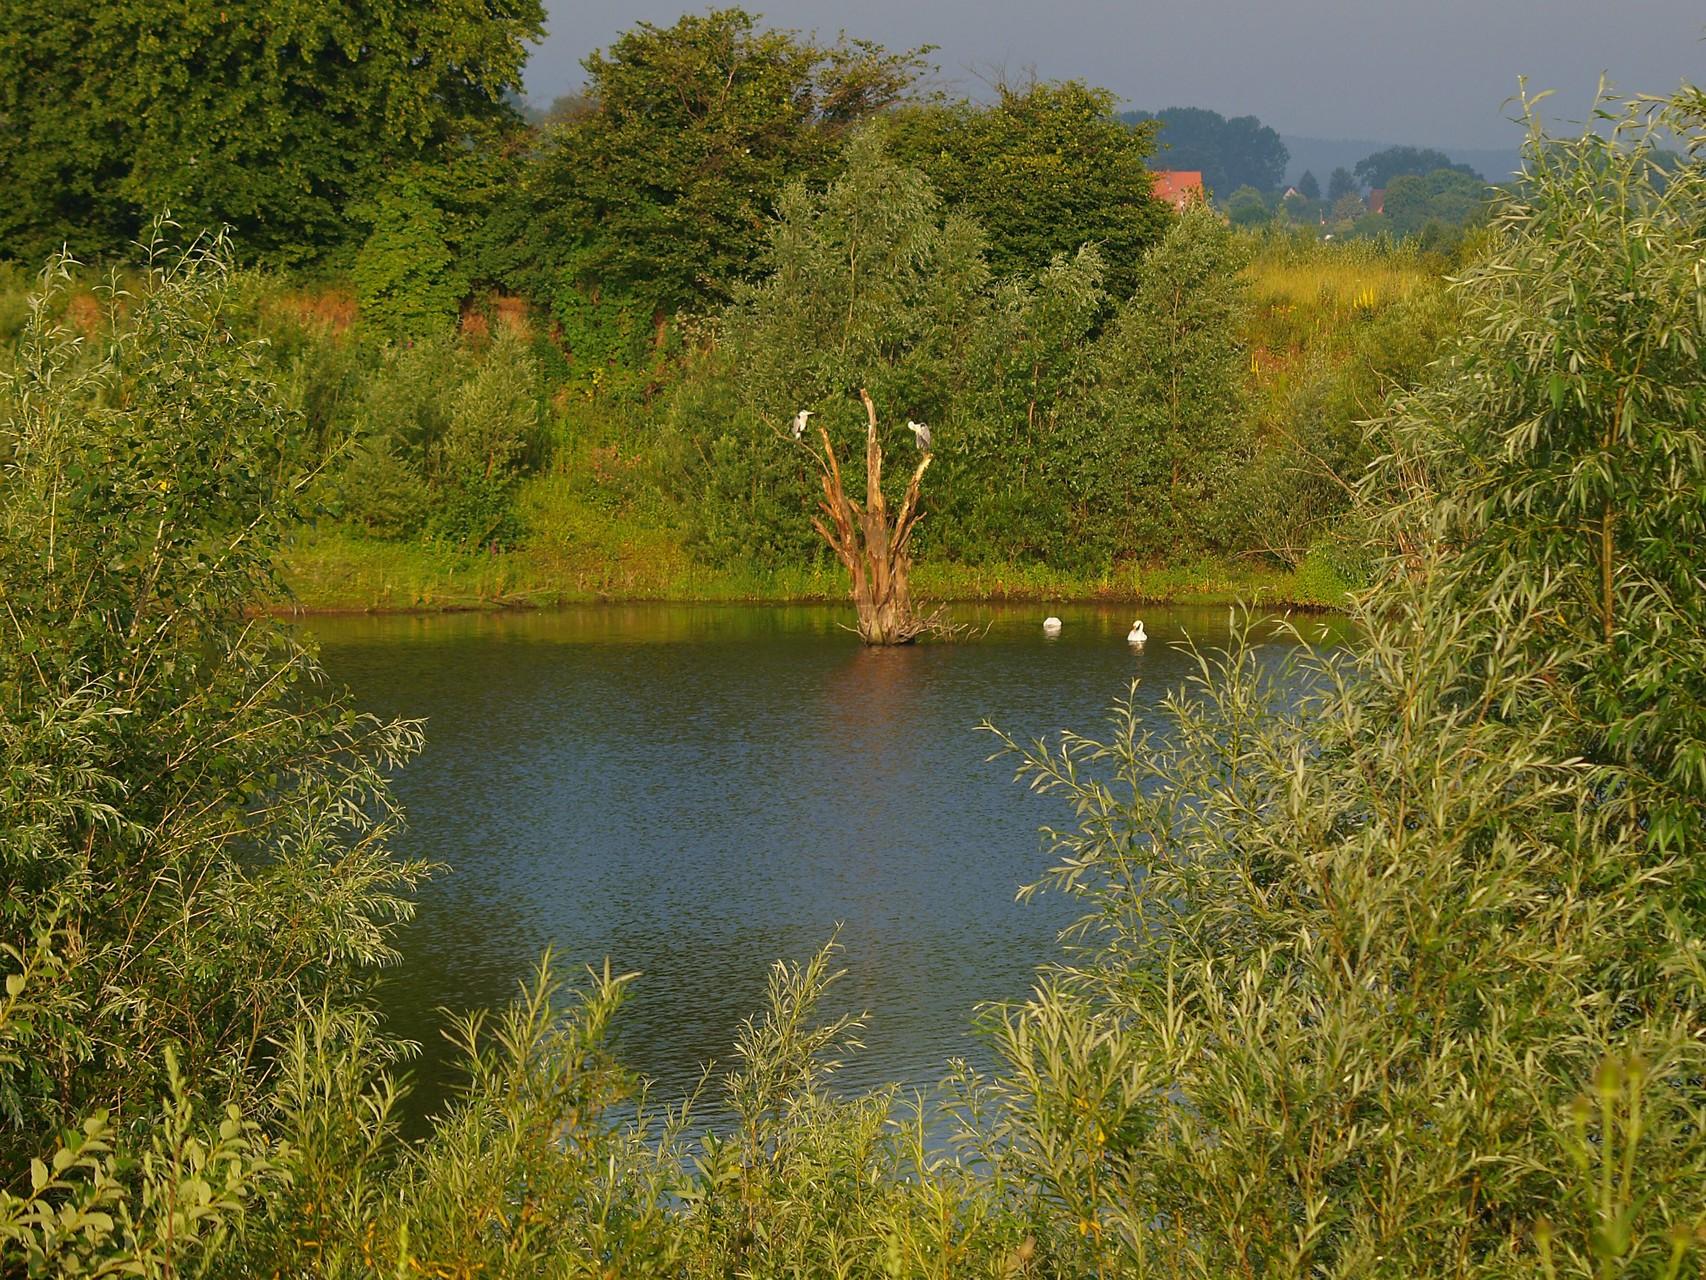 Impressionen aus der Auenlandschaft Hohenrode. - Foto: Kathy Büscher